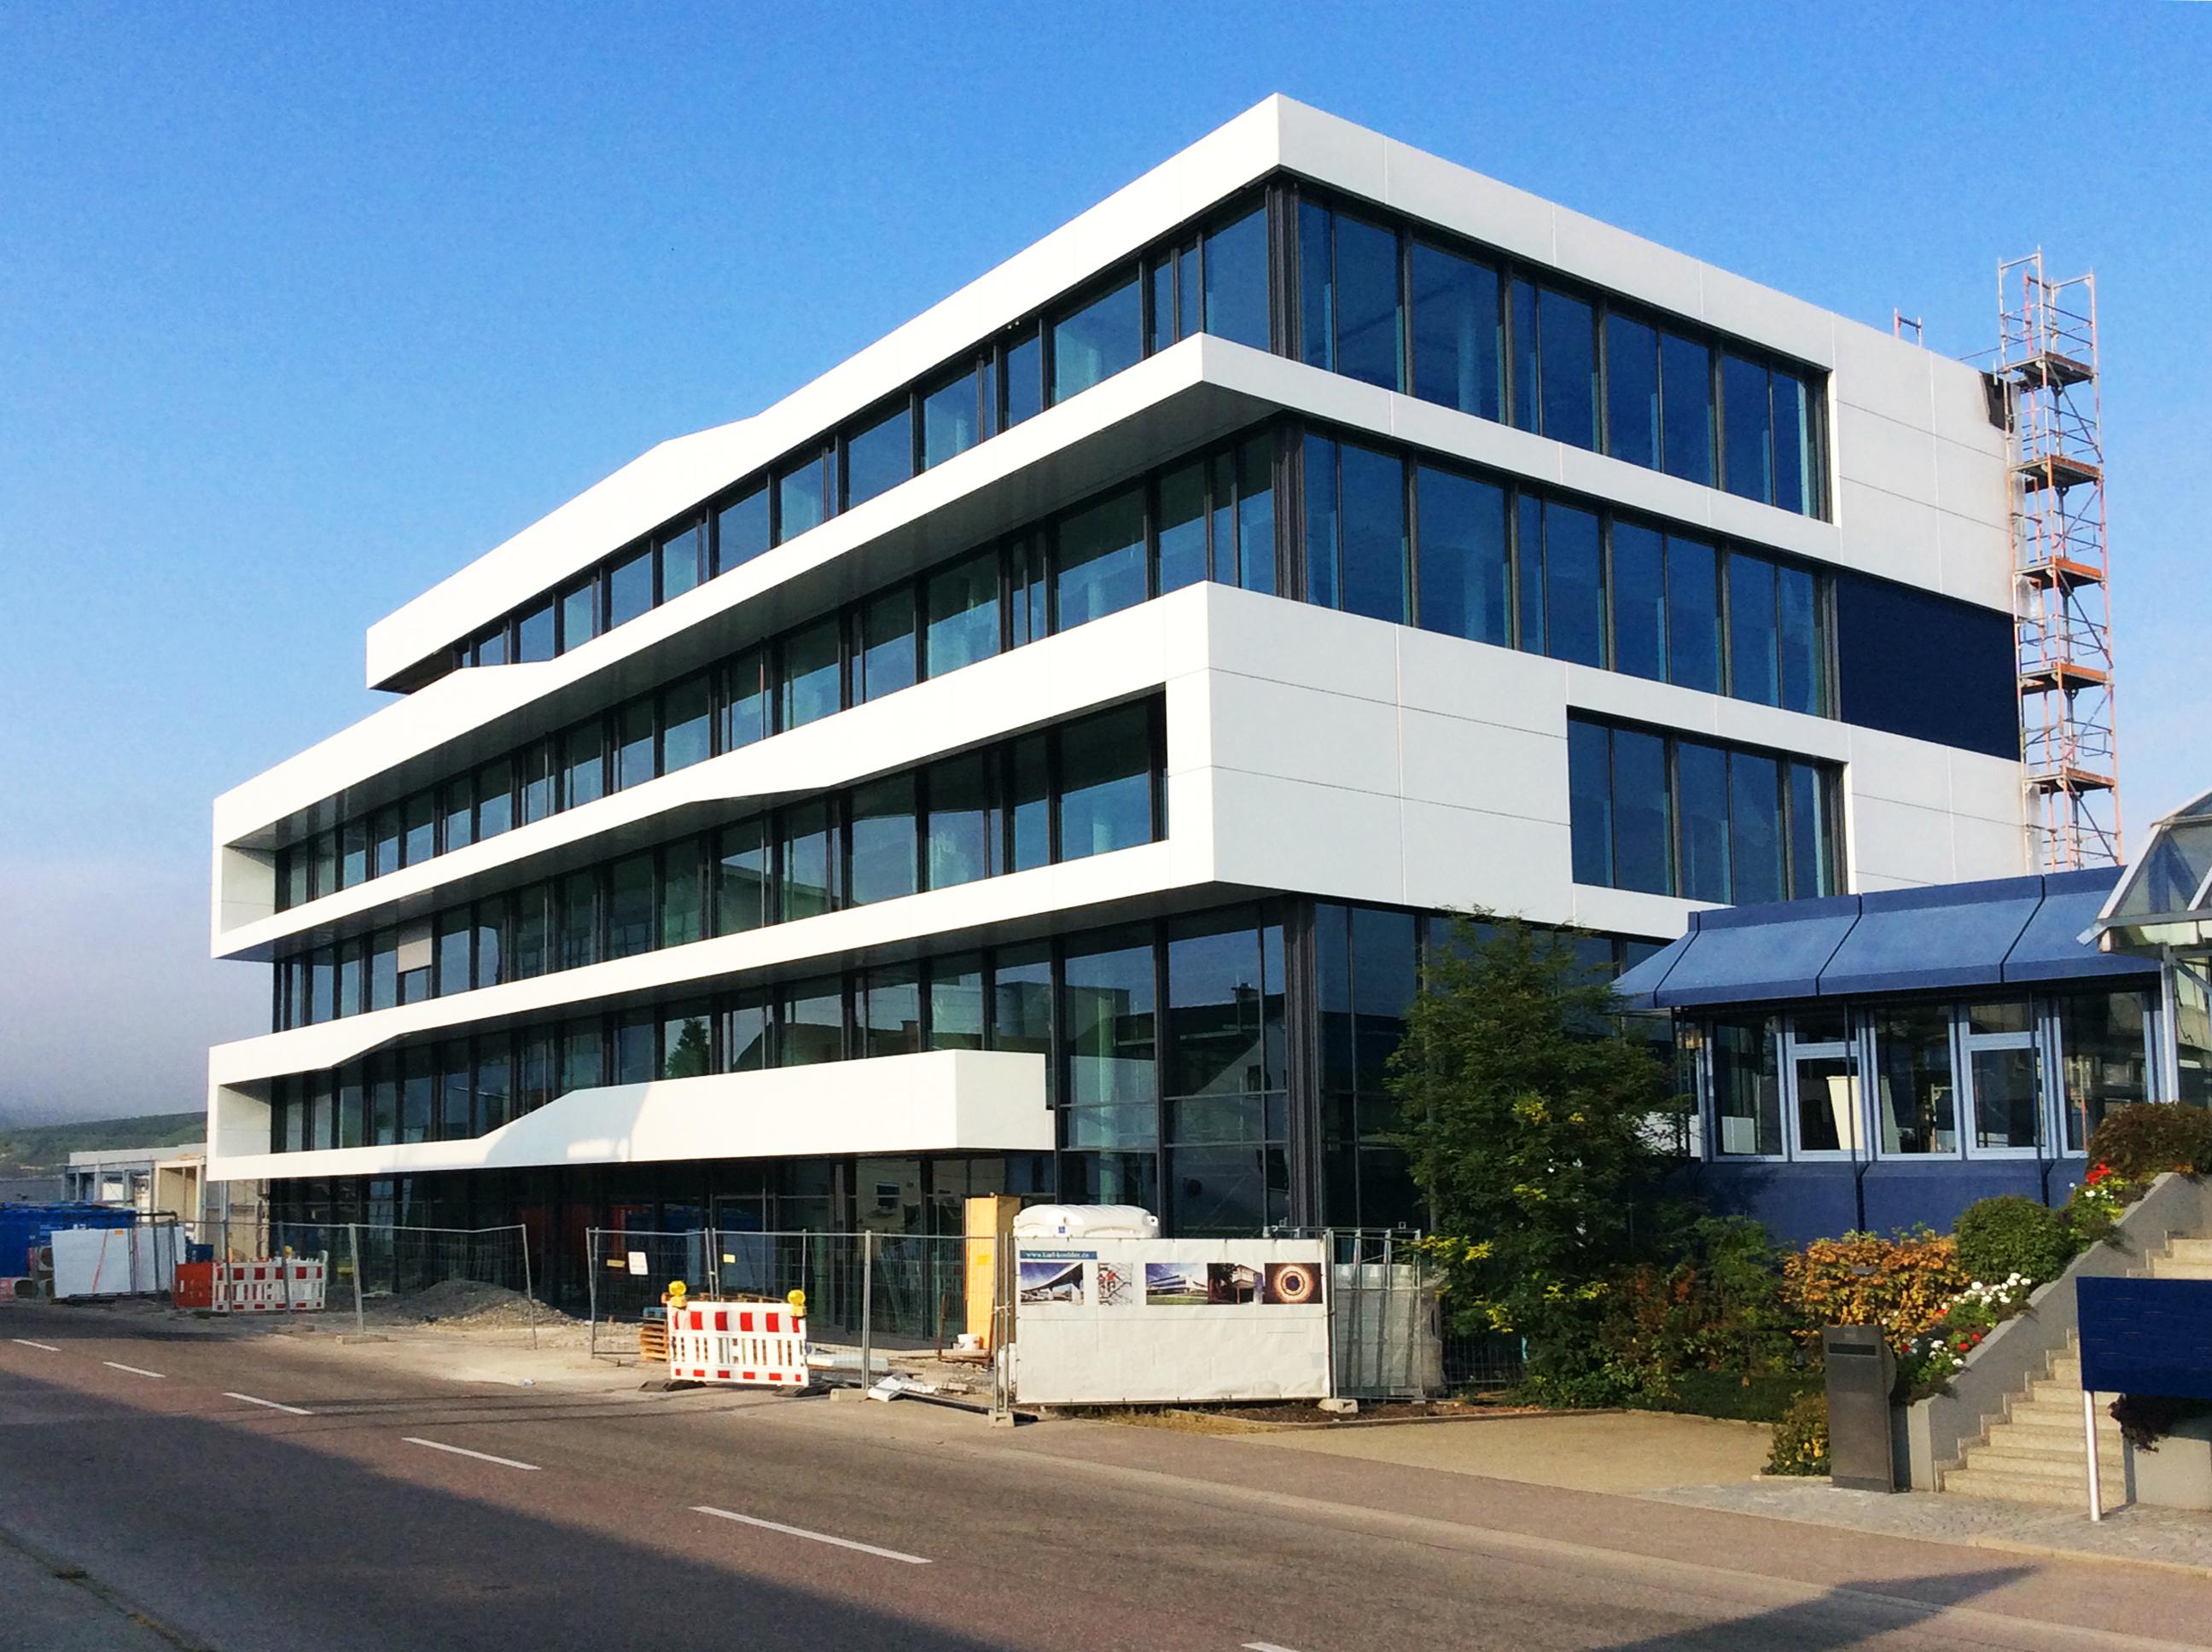 Neubau eines Verwaltungsgebäudes – KMB PLAN | WERK | STADT | GMBH